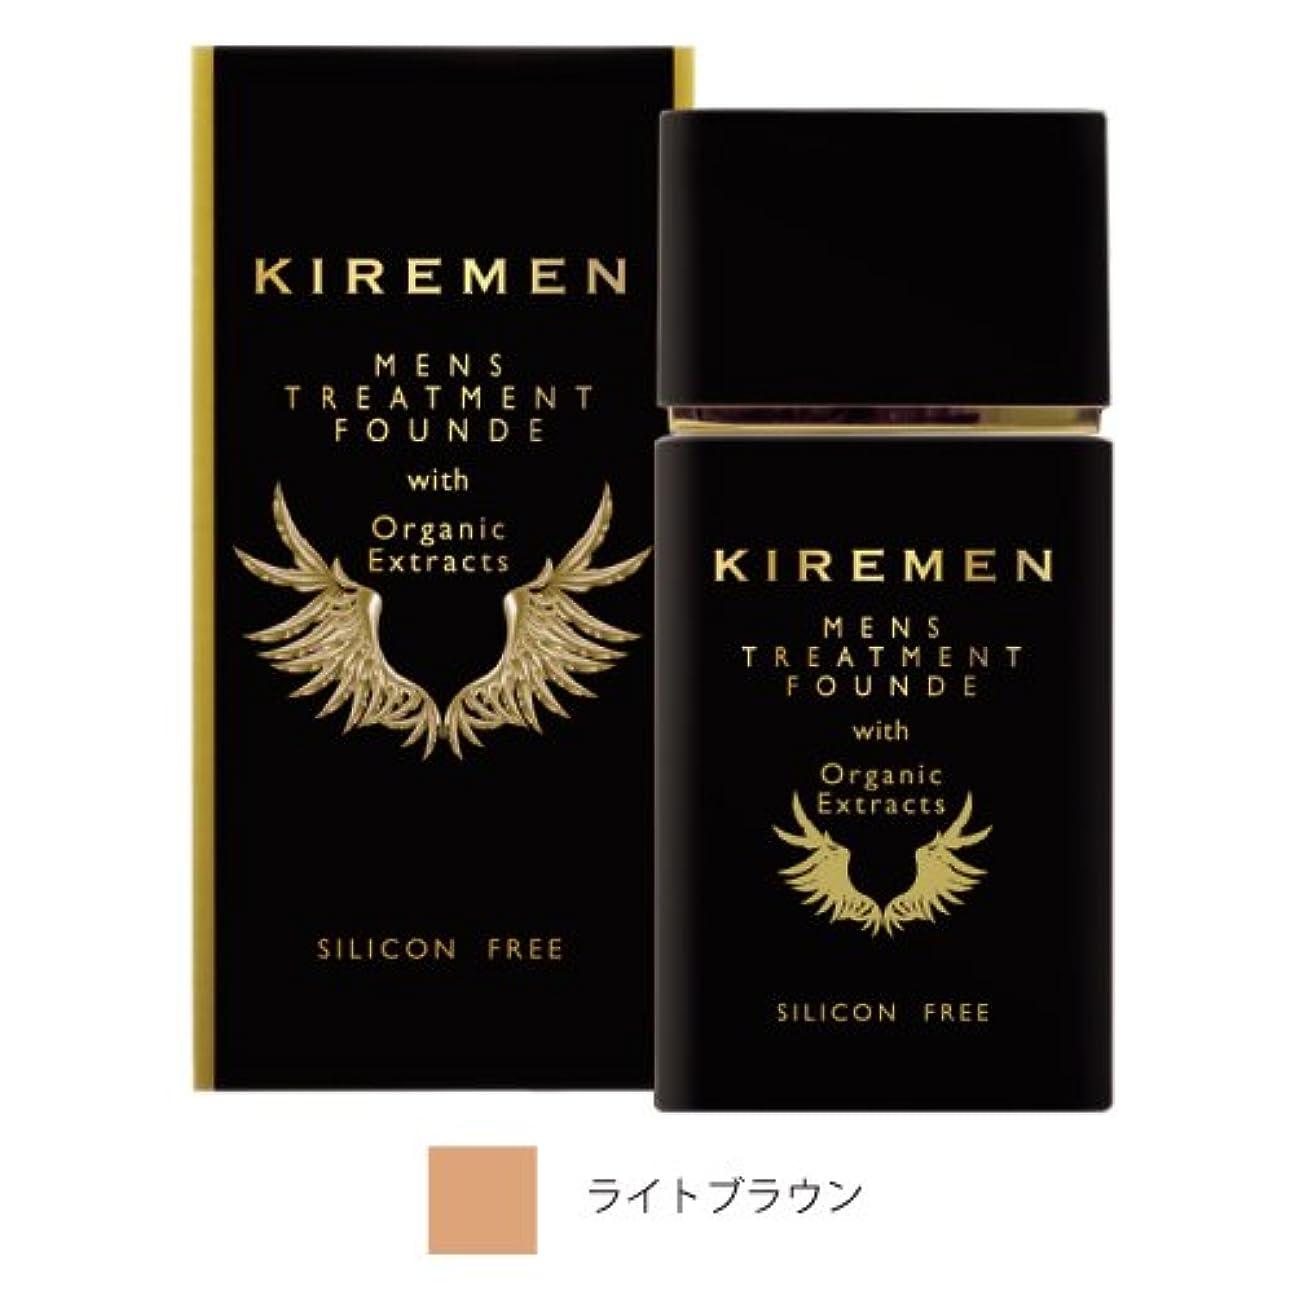 対処ブルジョン保険キレメン KIREMEN メンズファンデーション (ライトブラウン)